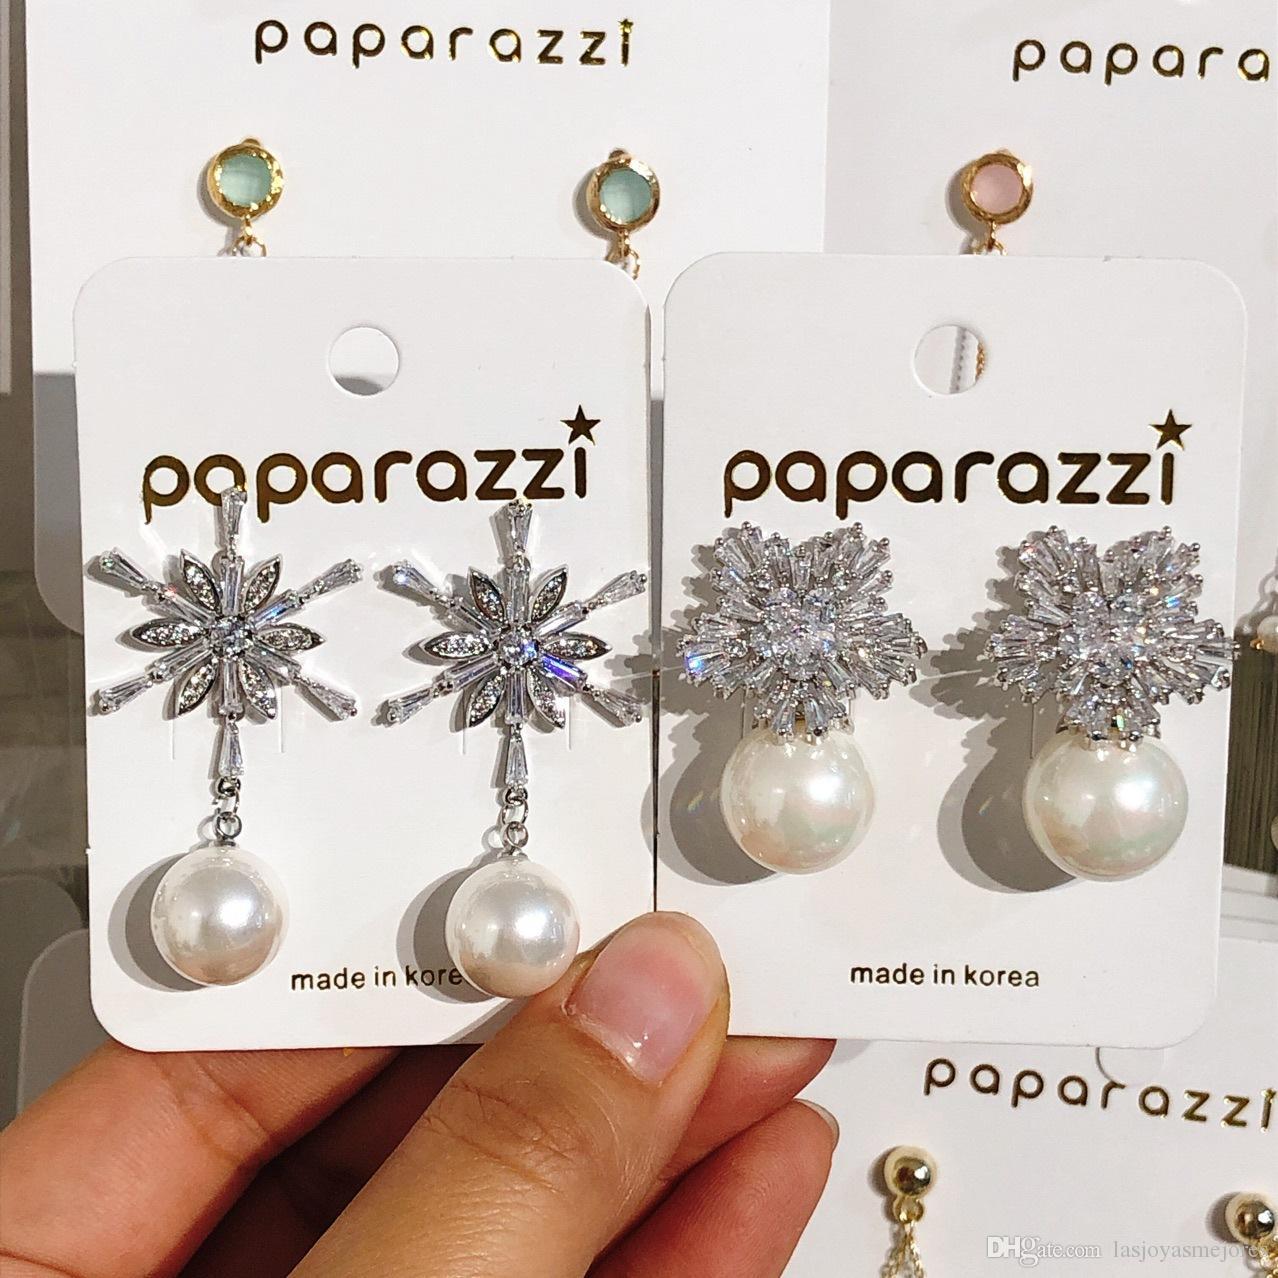 Super brillante scintillante stilista di lusso di lusso fiocco di neve coreana diamante zircone orecchini di perle pendente per donna perno d'argento